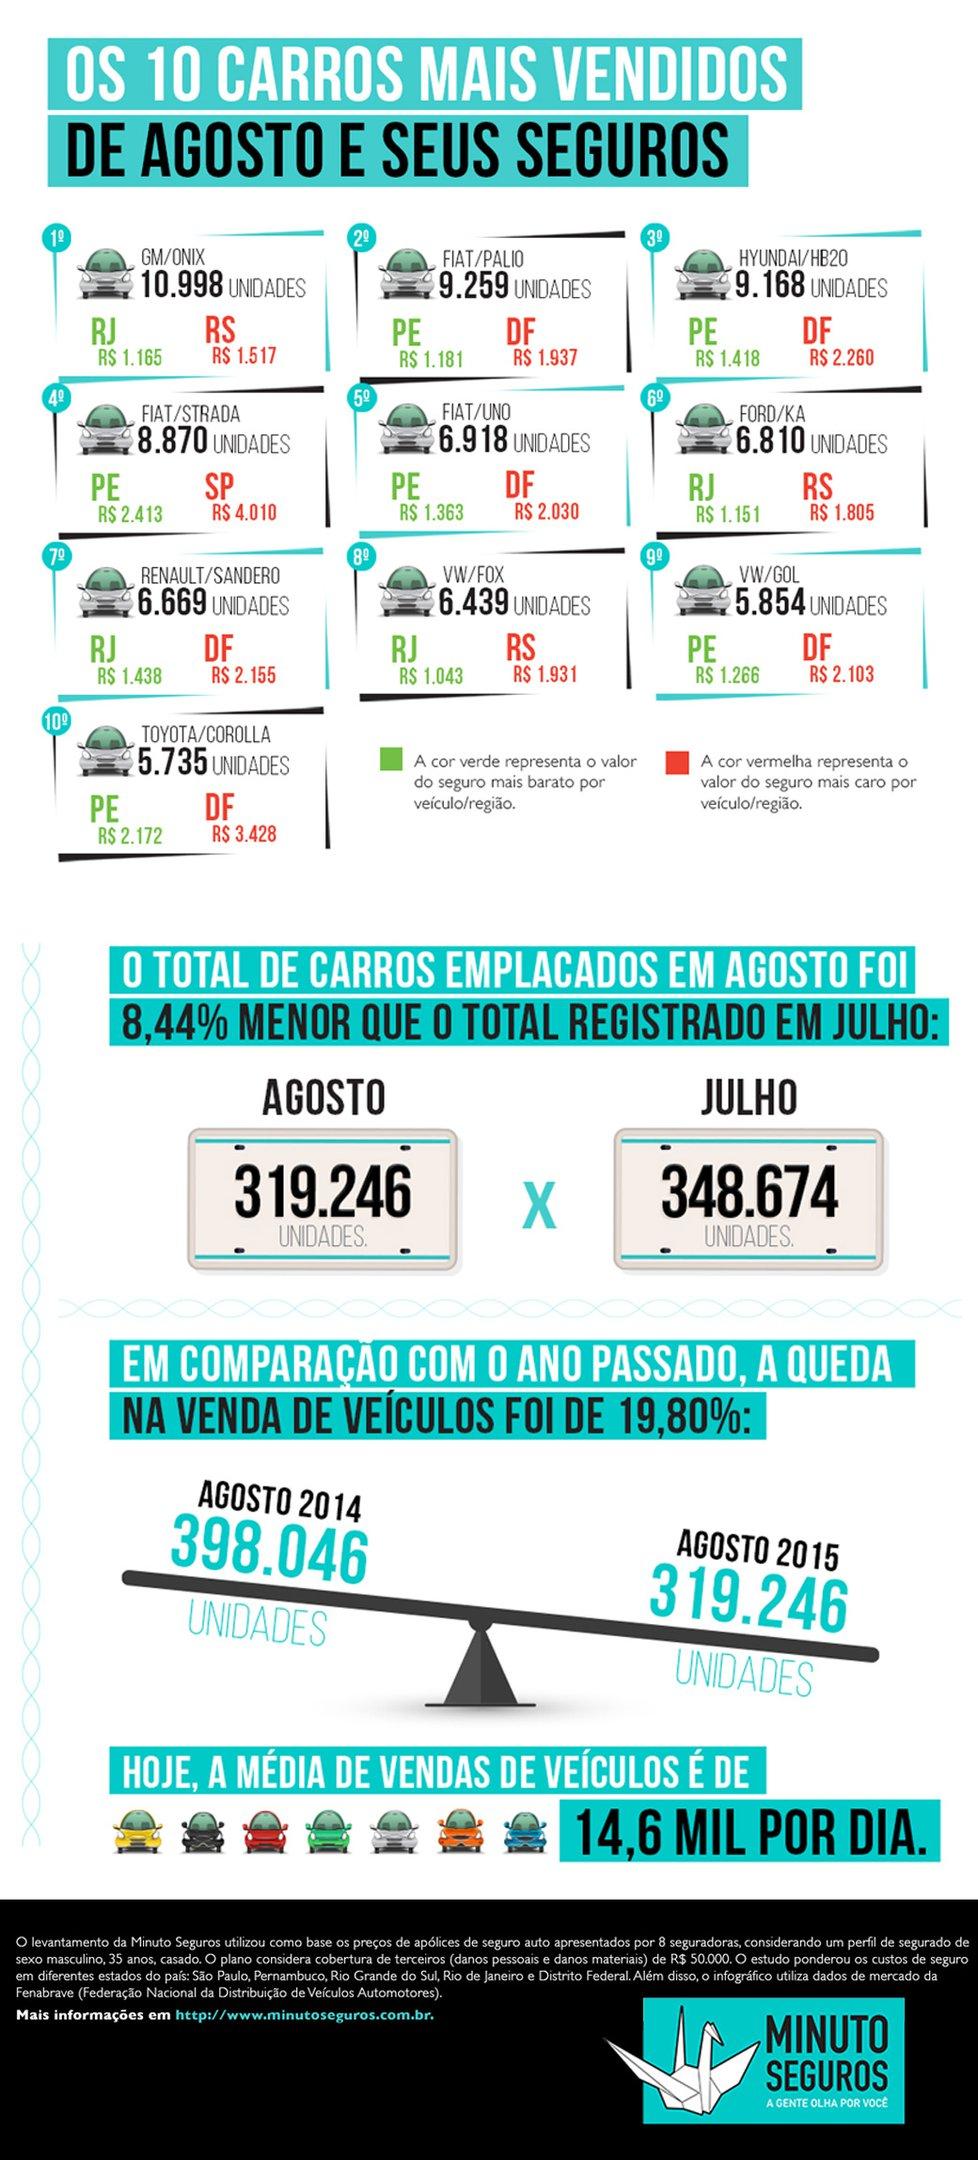 Os 10 carros mais vendidos do Brasil em agosto e seus valores de seguro